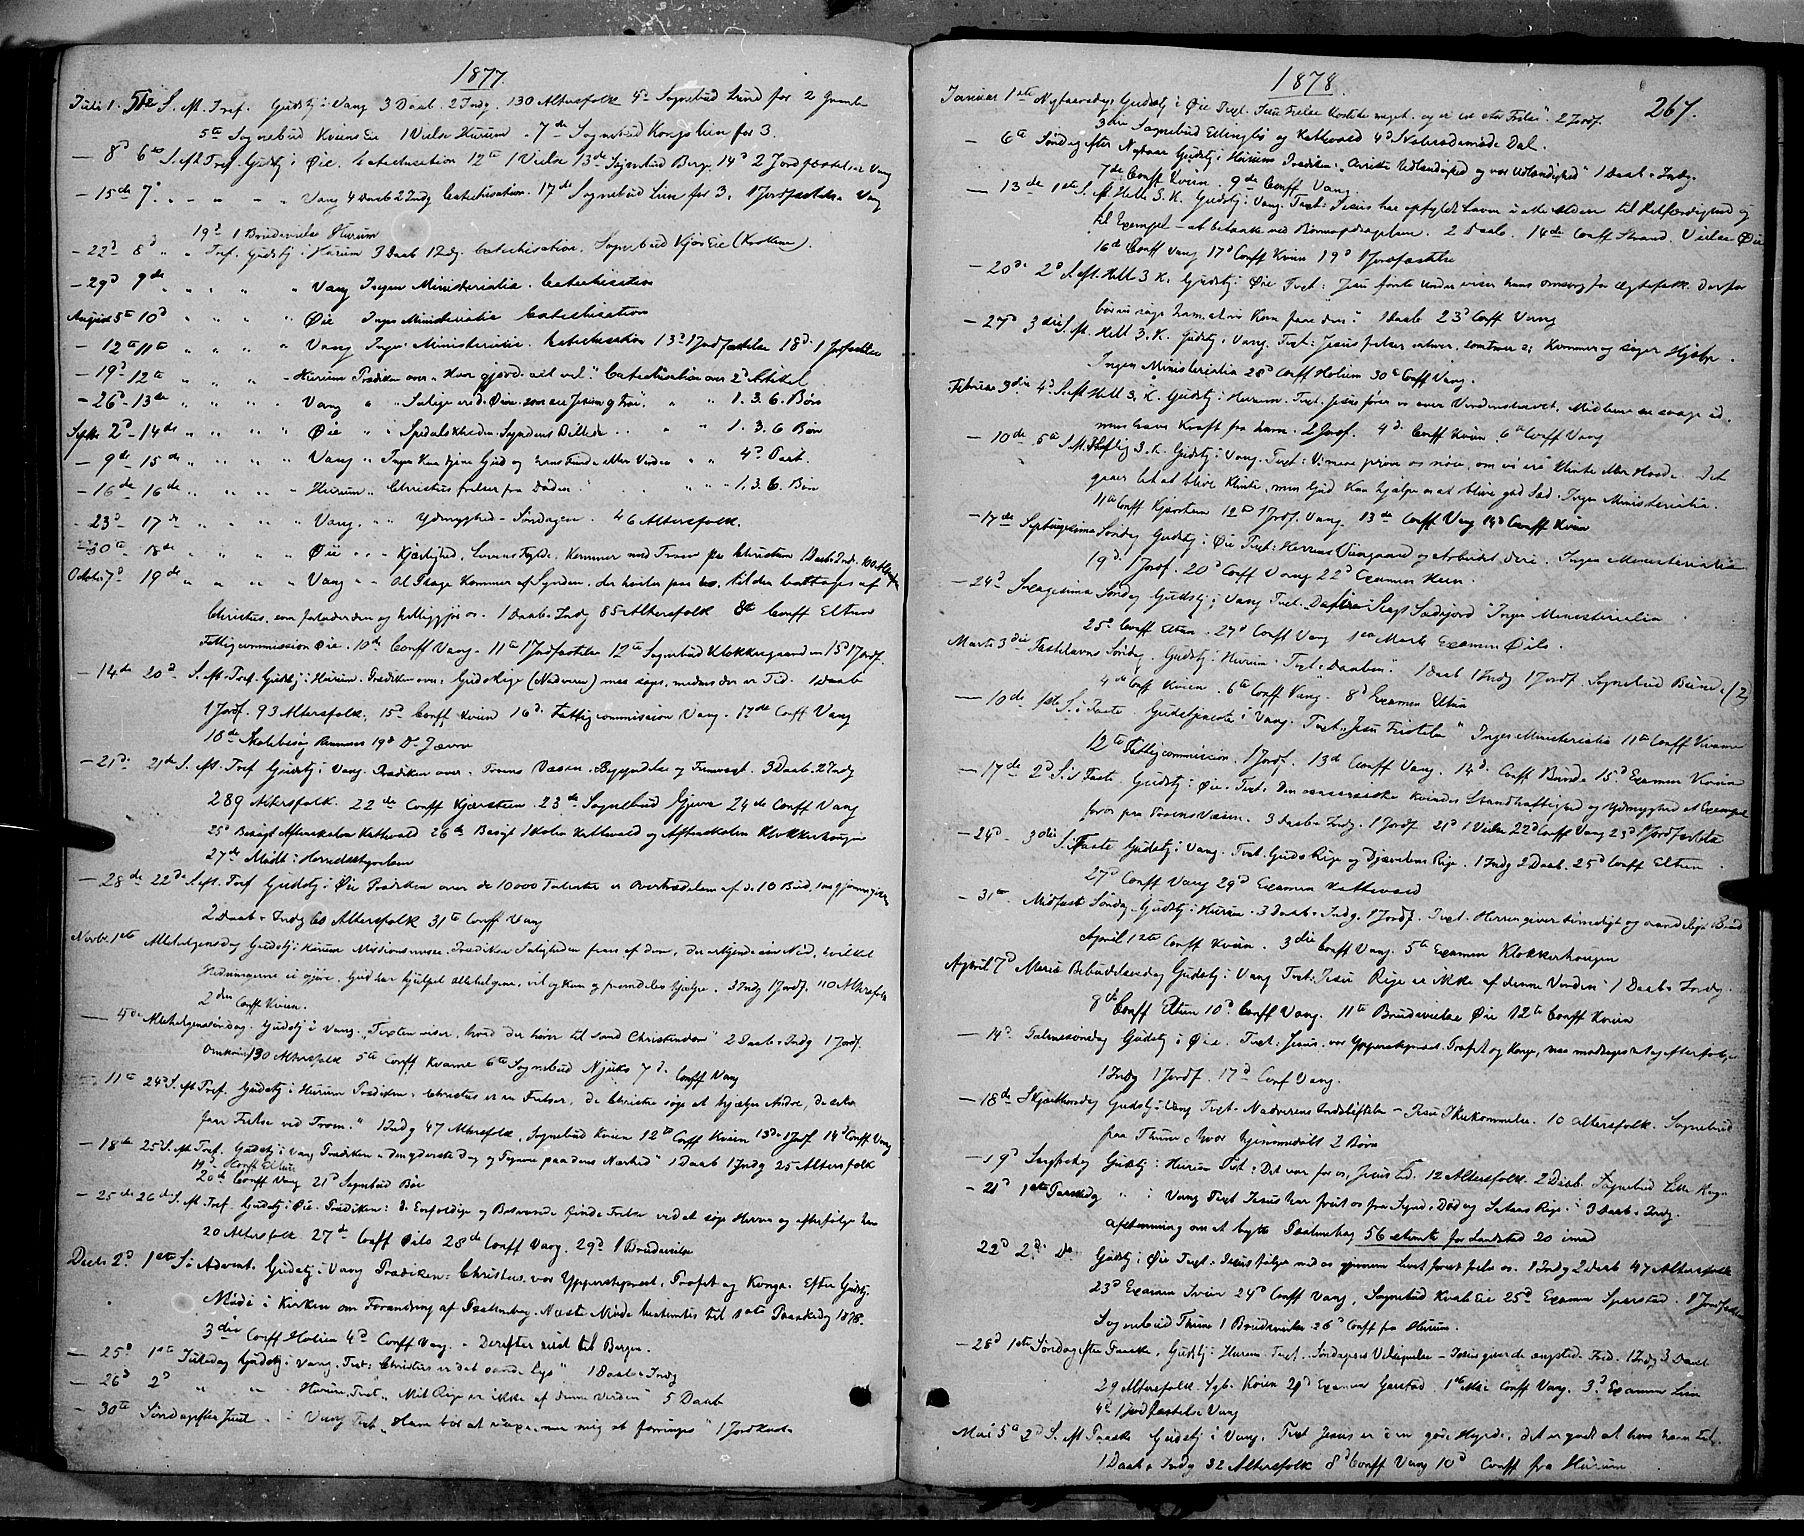 SAH, Vang prestekontor, Valdres, Ministerialbok nr. 7, 1865-1881, s. 267